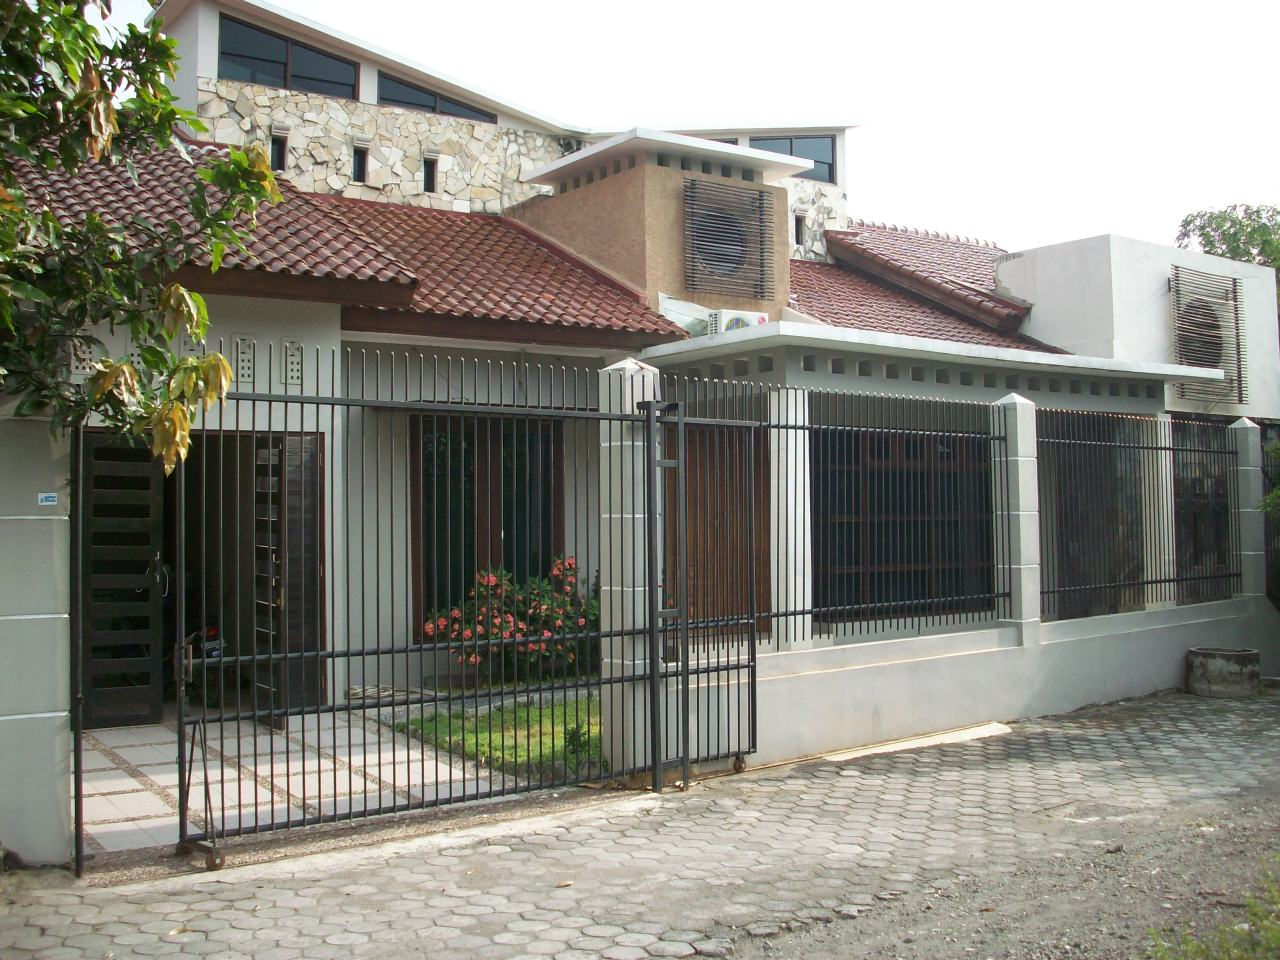 rumah mewah villa jogja ismono rumah mewah lux asri 1 5